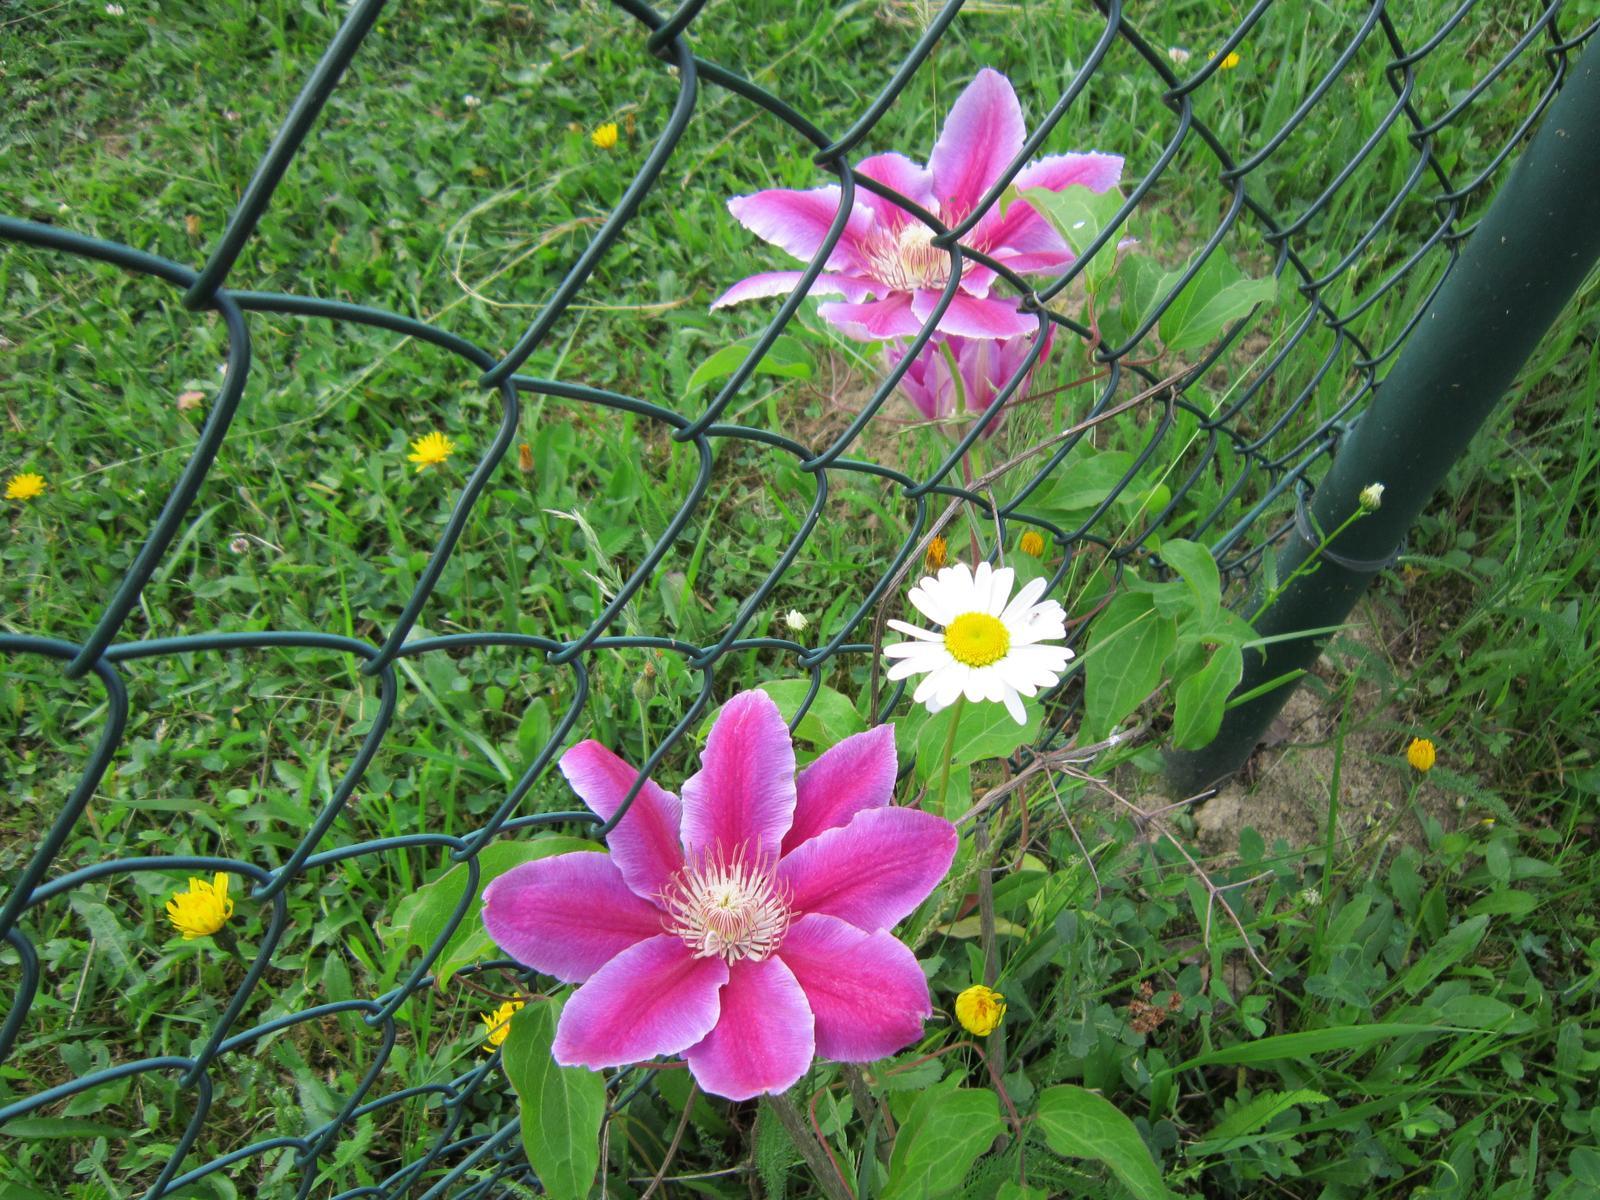 Pozvanie do našej jarnej záhrady - Plamienok utiekol za plot,asi sa zaľúbil do margarétky...;-)